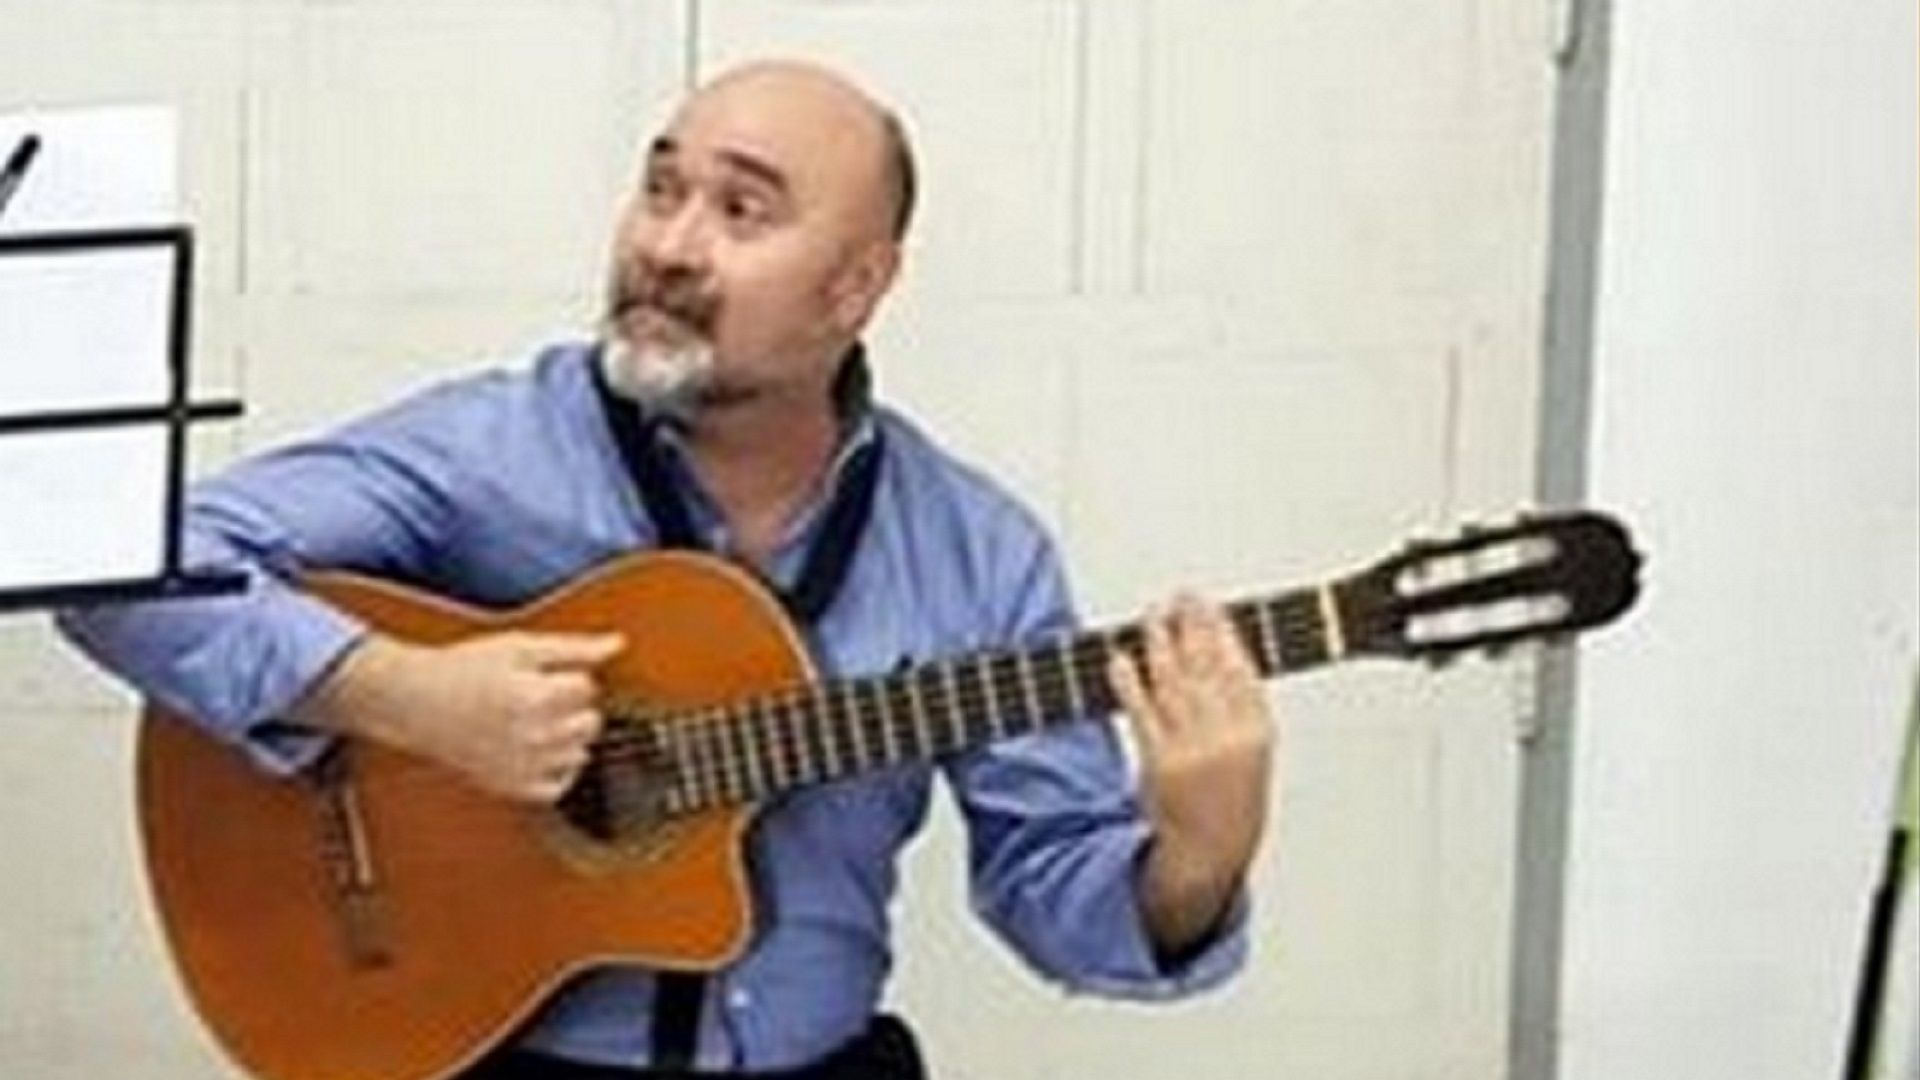 Guido Benvenutti tenía 53 años